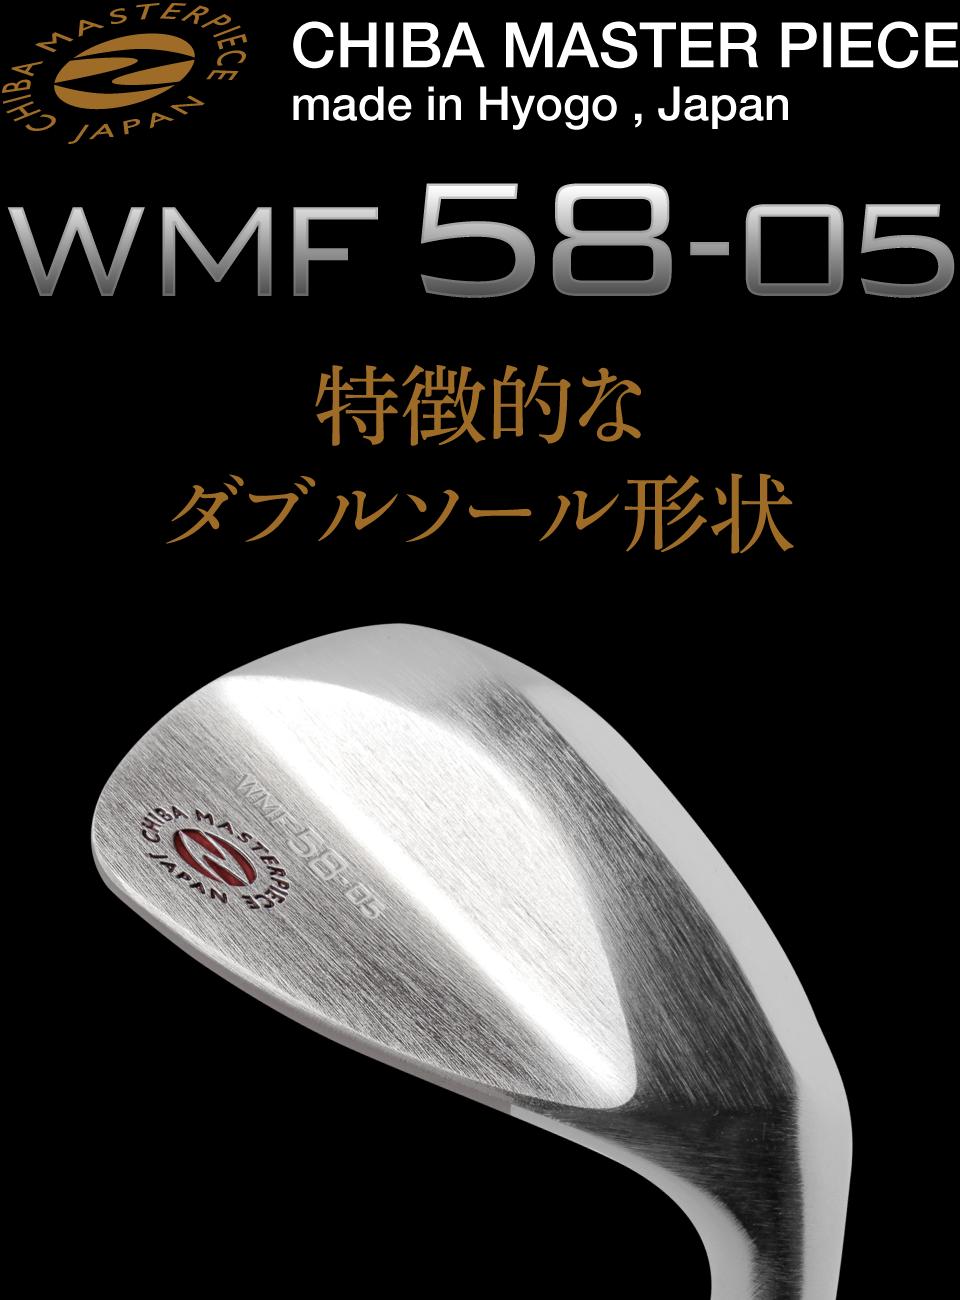 特徴的なダブルソール形状 WMF 58-05